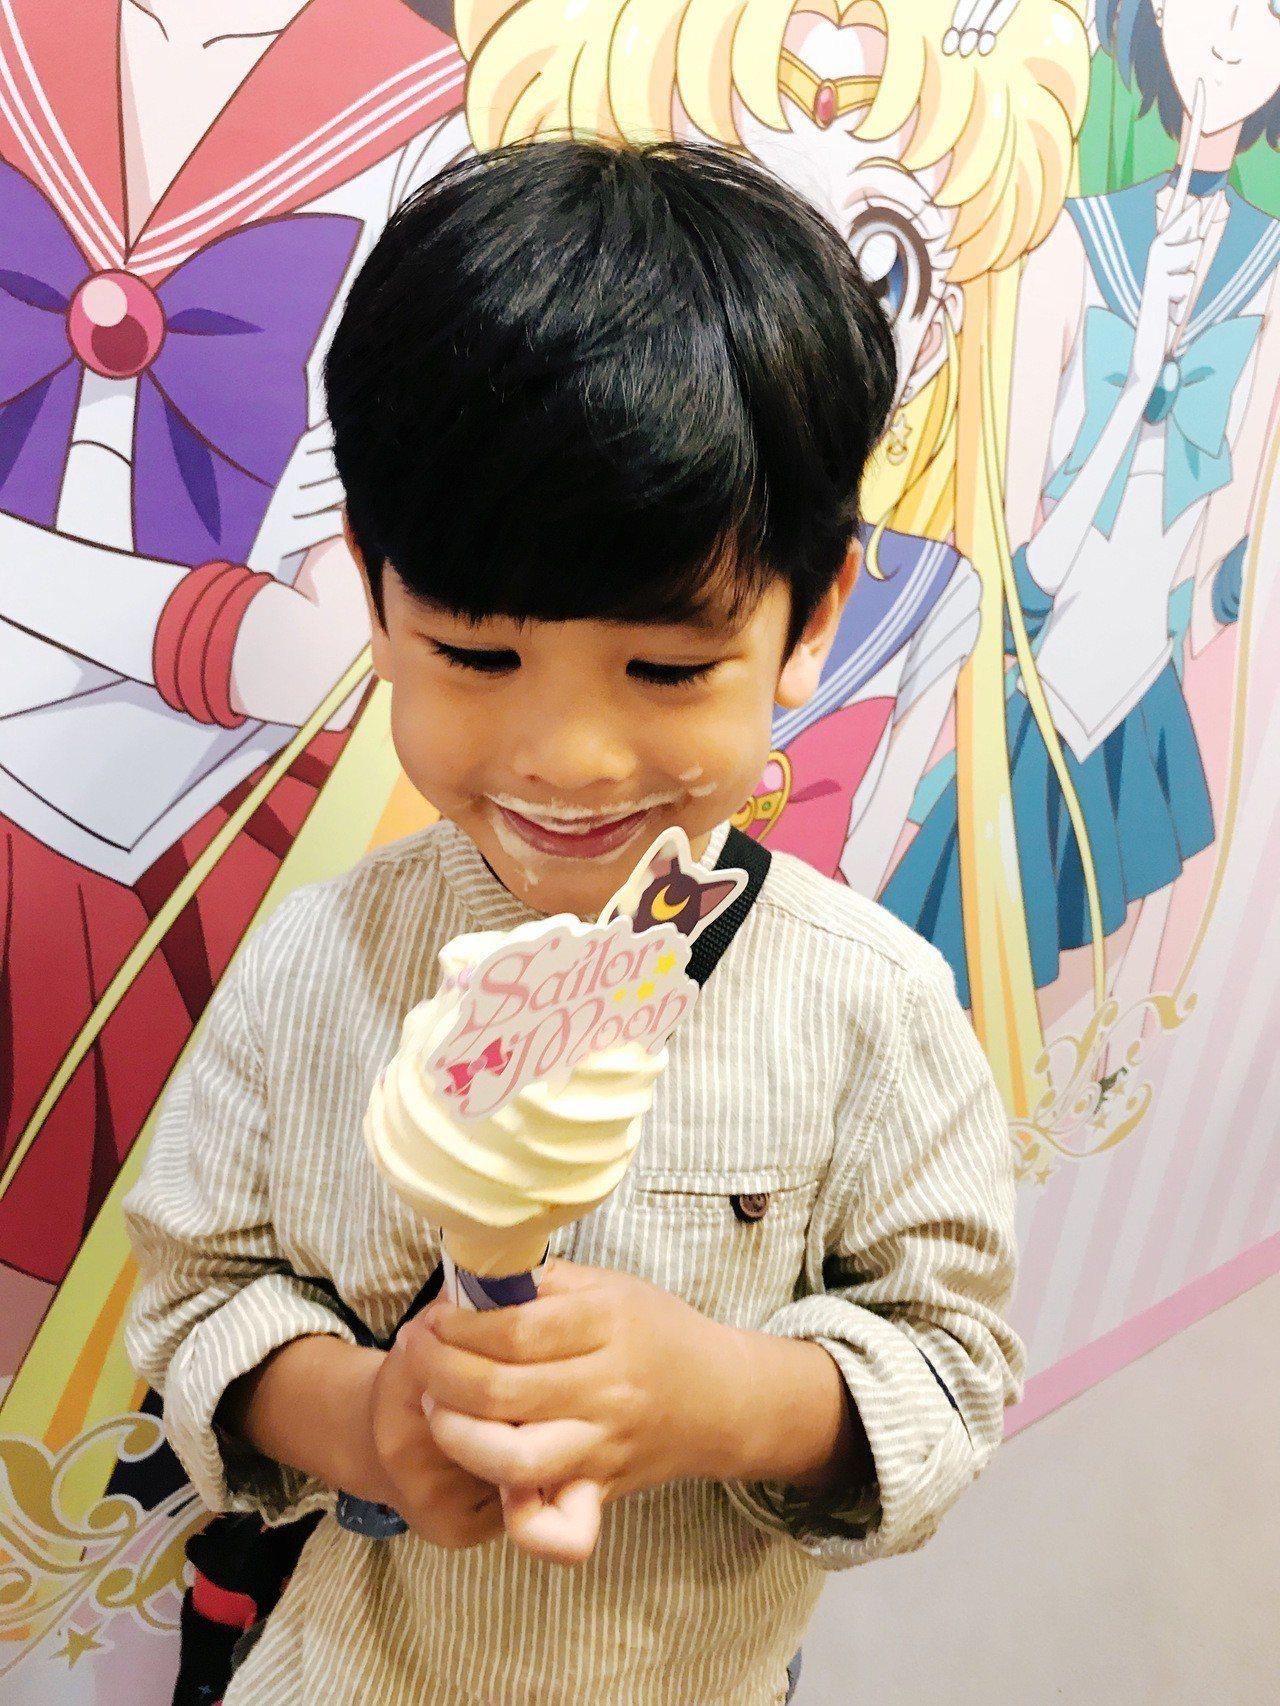 小朋友拿到蜷尾家 X 美少女戰士期間限定霜淇淋開心吃了起來。記者江佩君/攝影